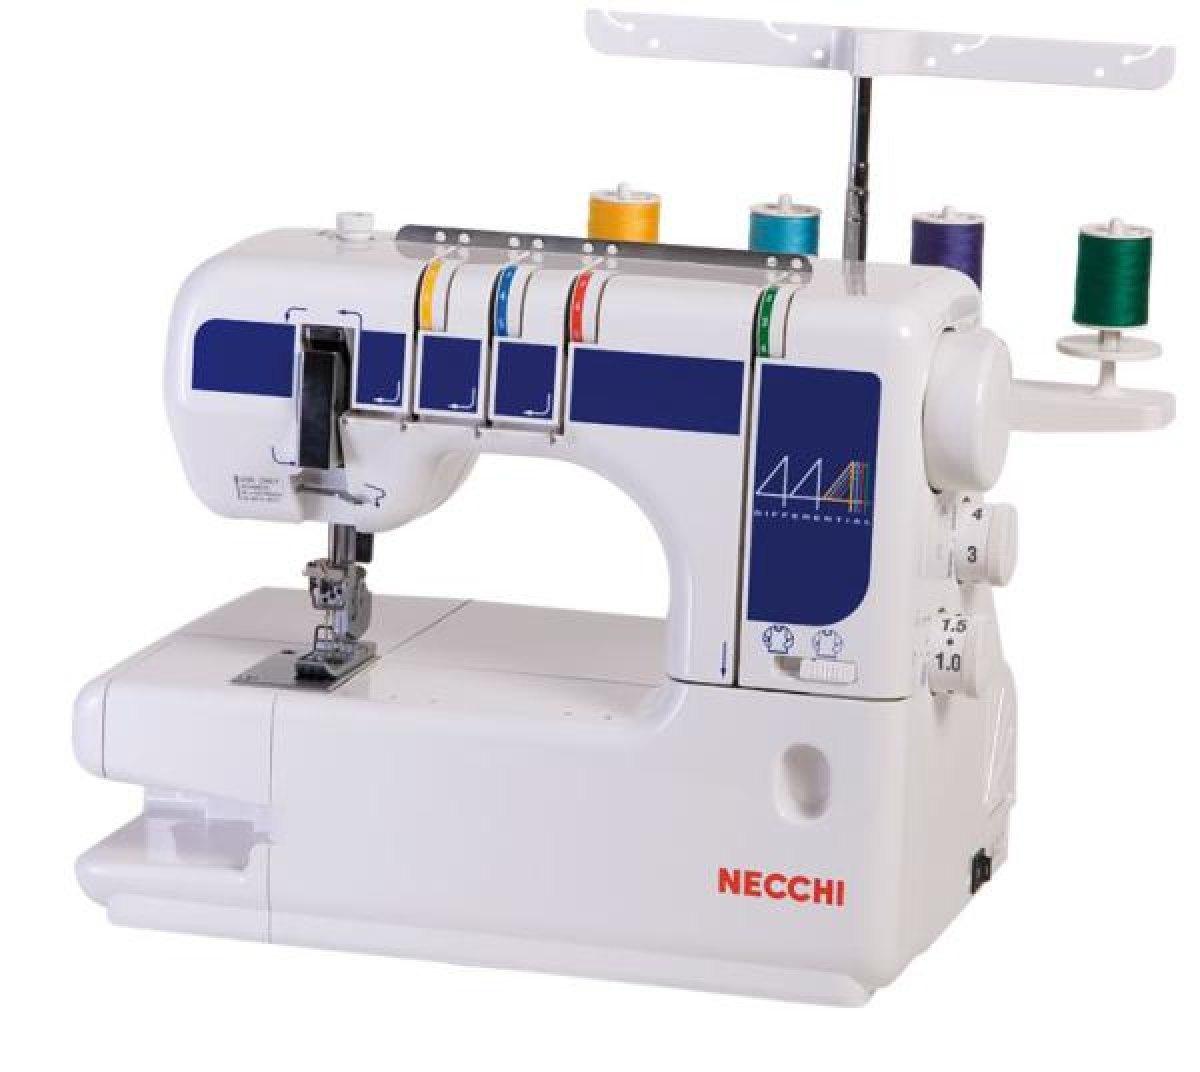 Necchi macchina per cucire necchi 444 del giudice e nipote for Macchine da cucire usate